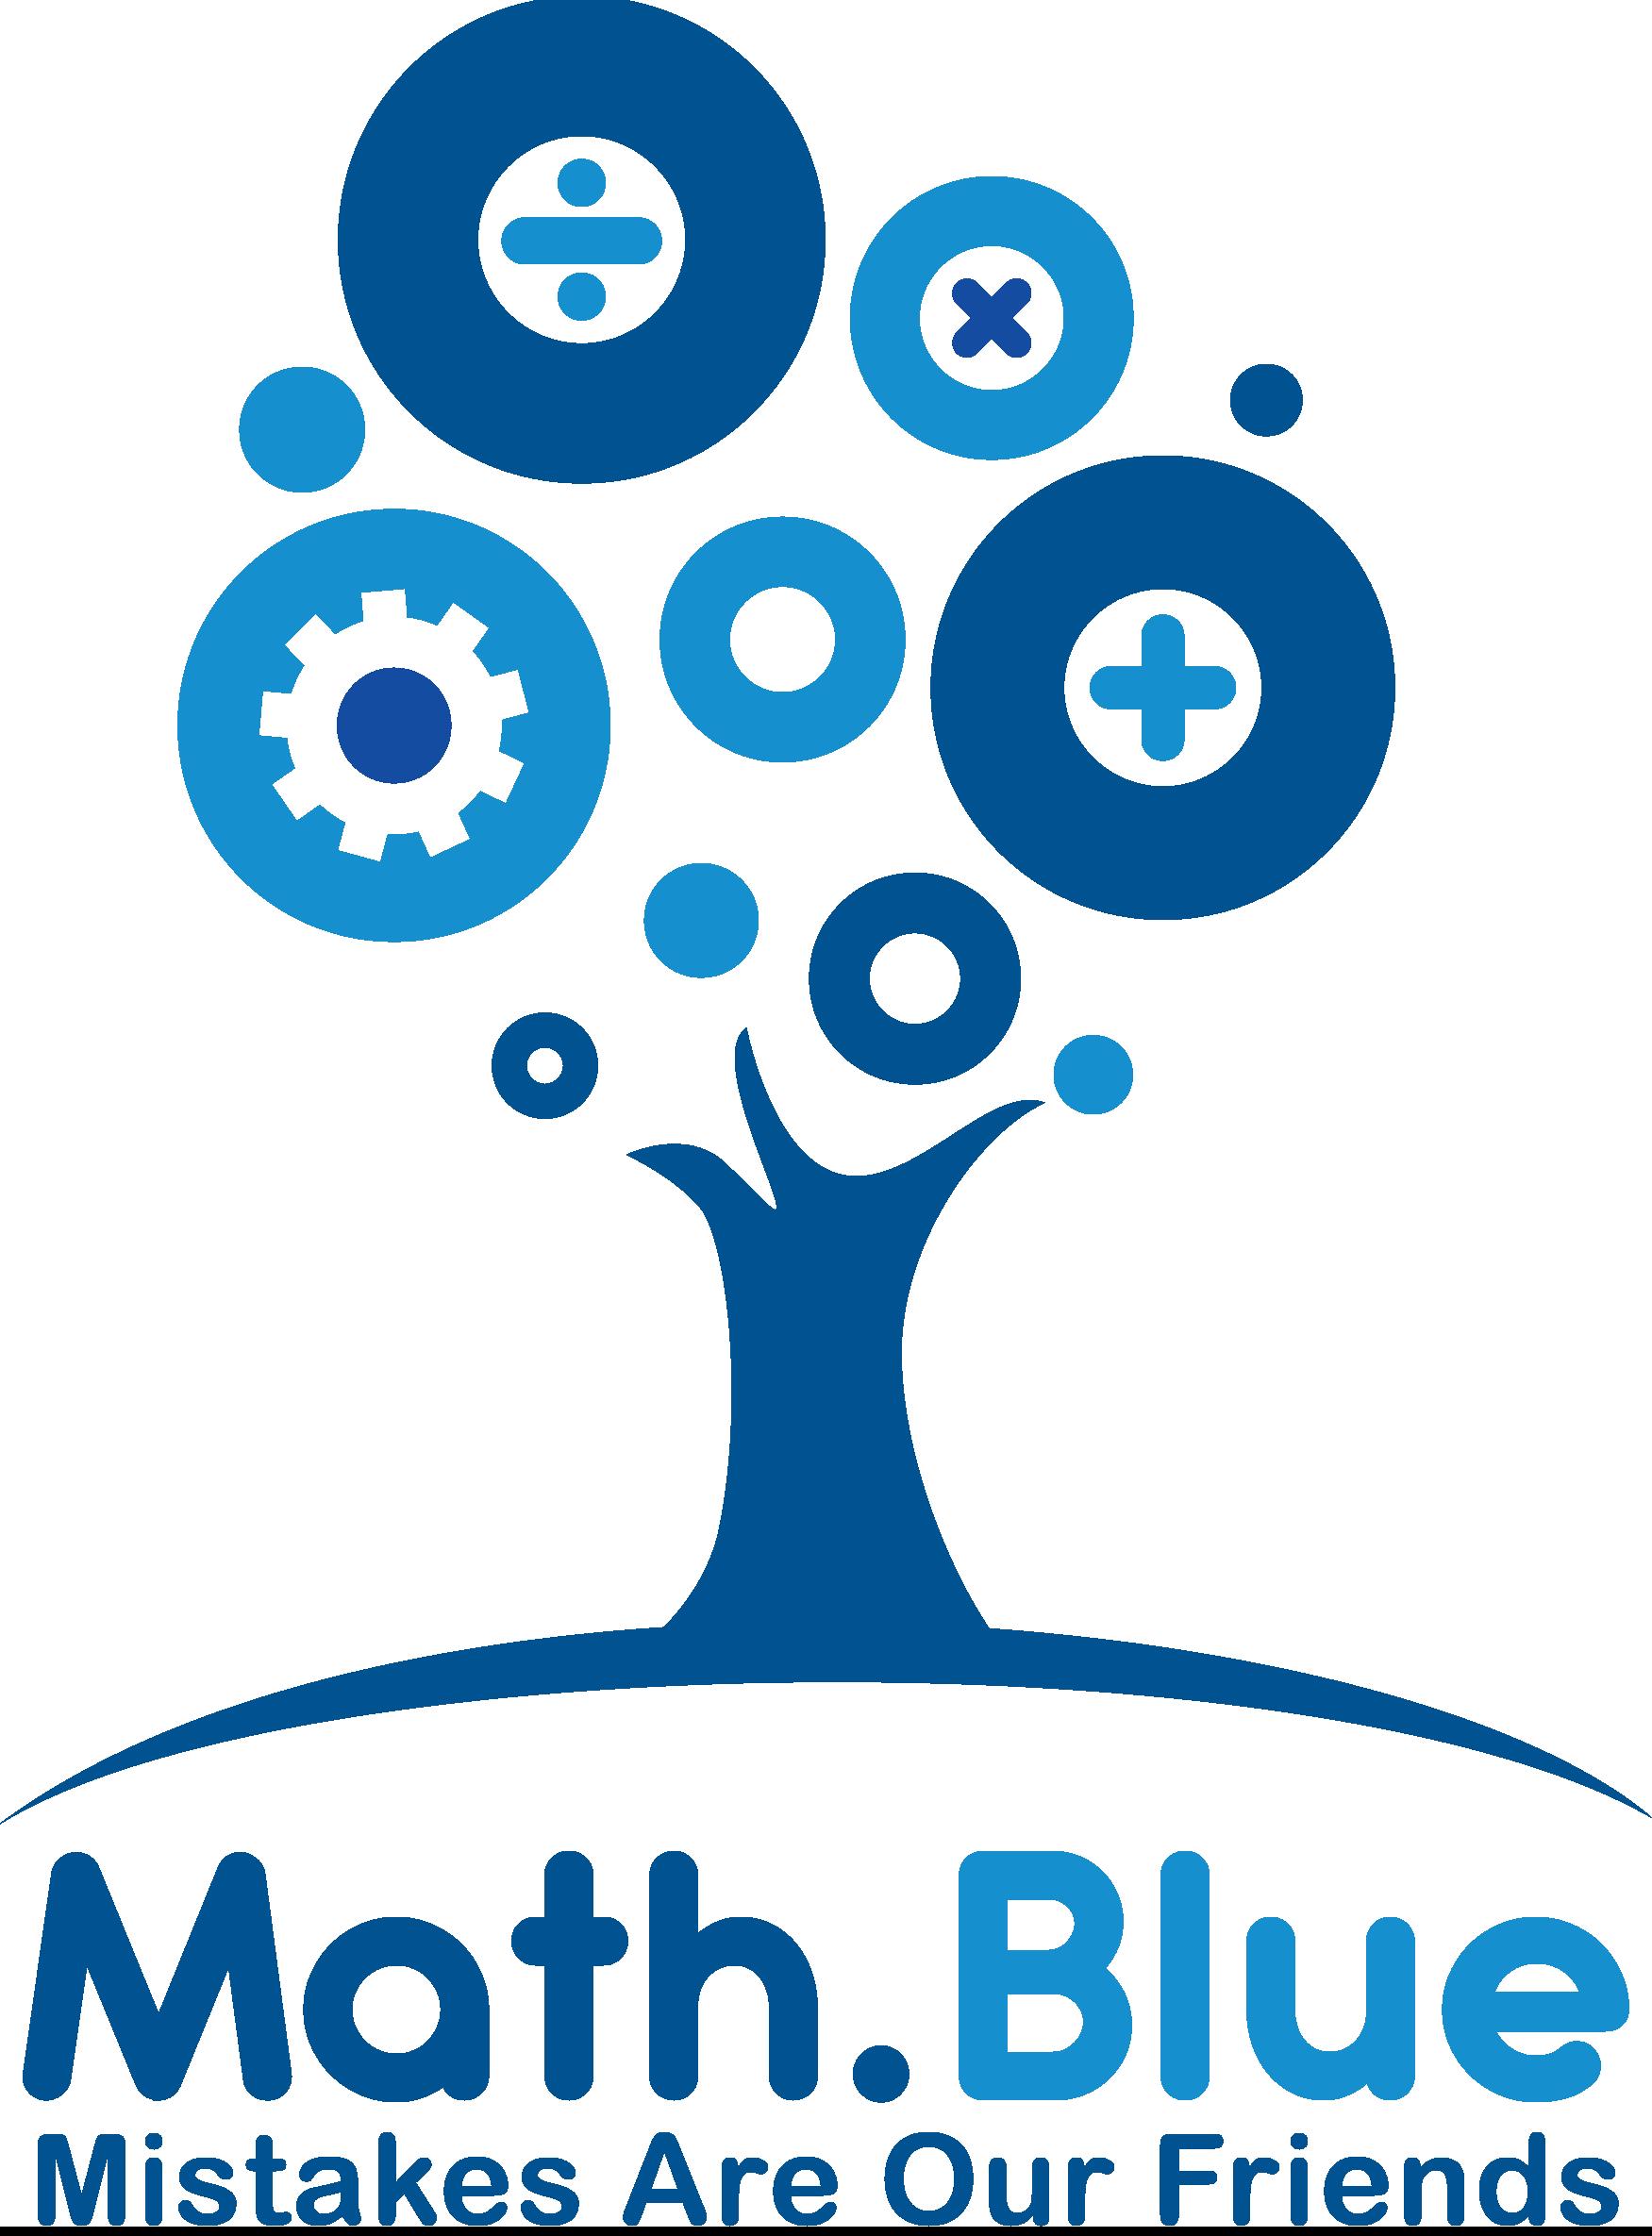 Math.Blue